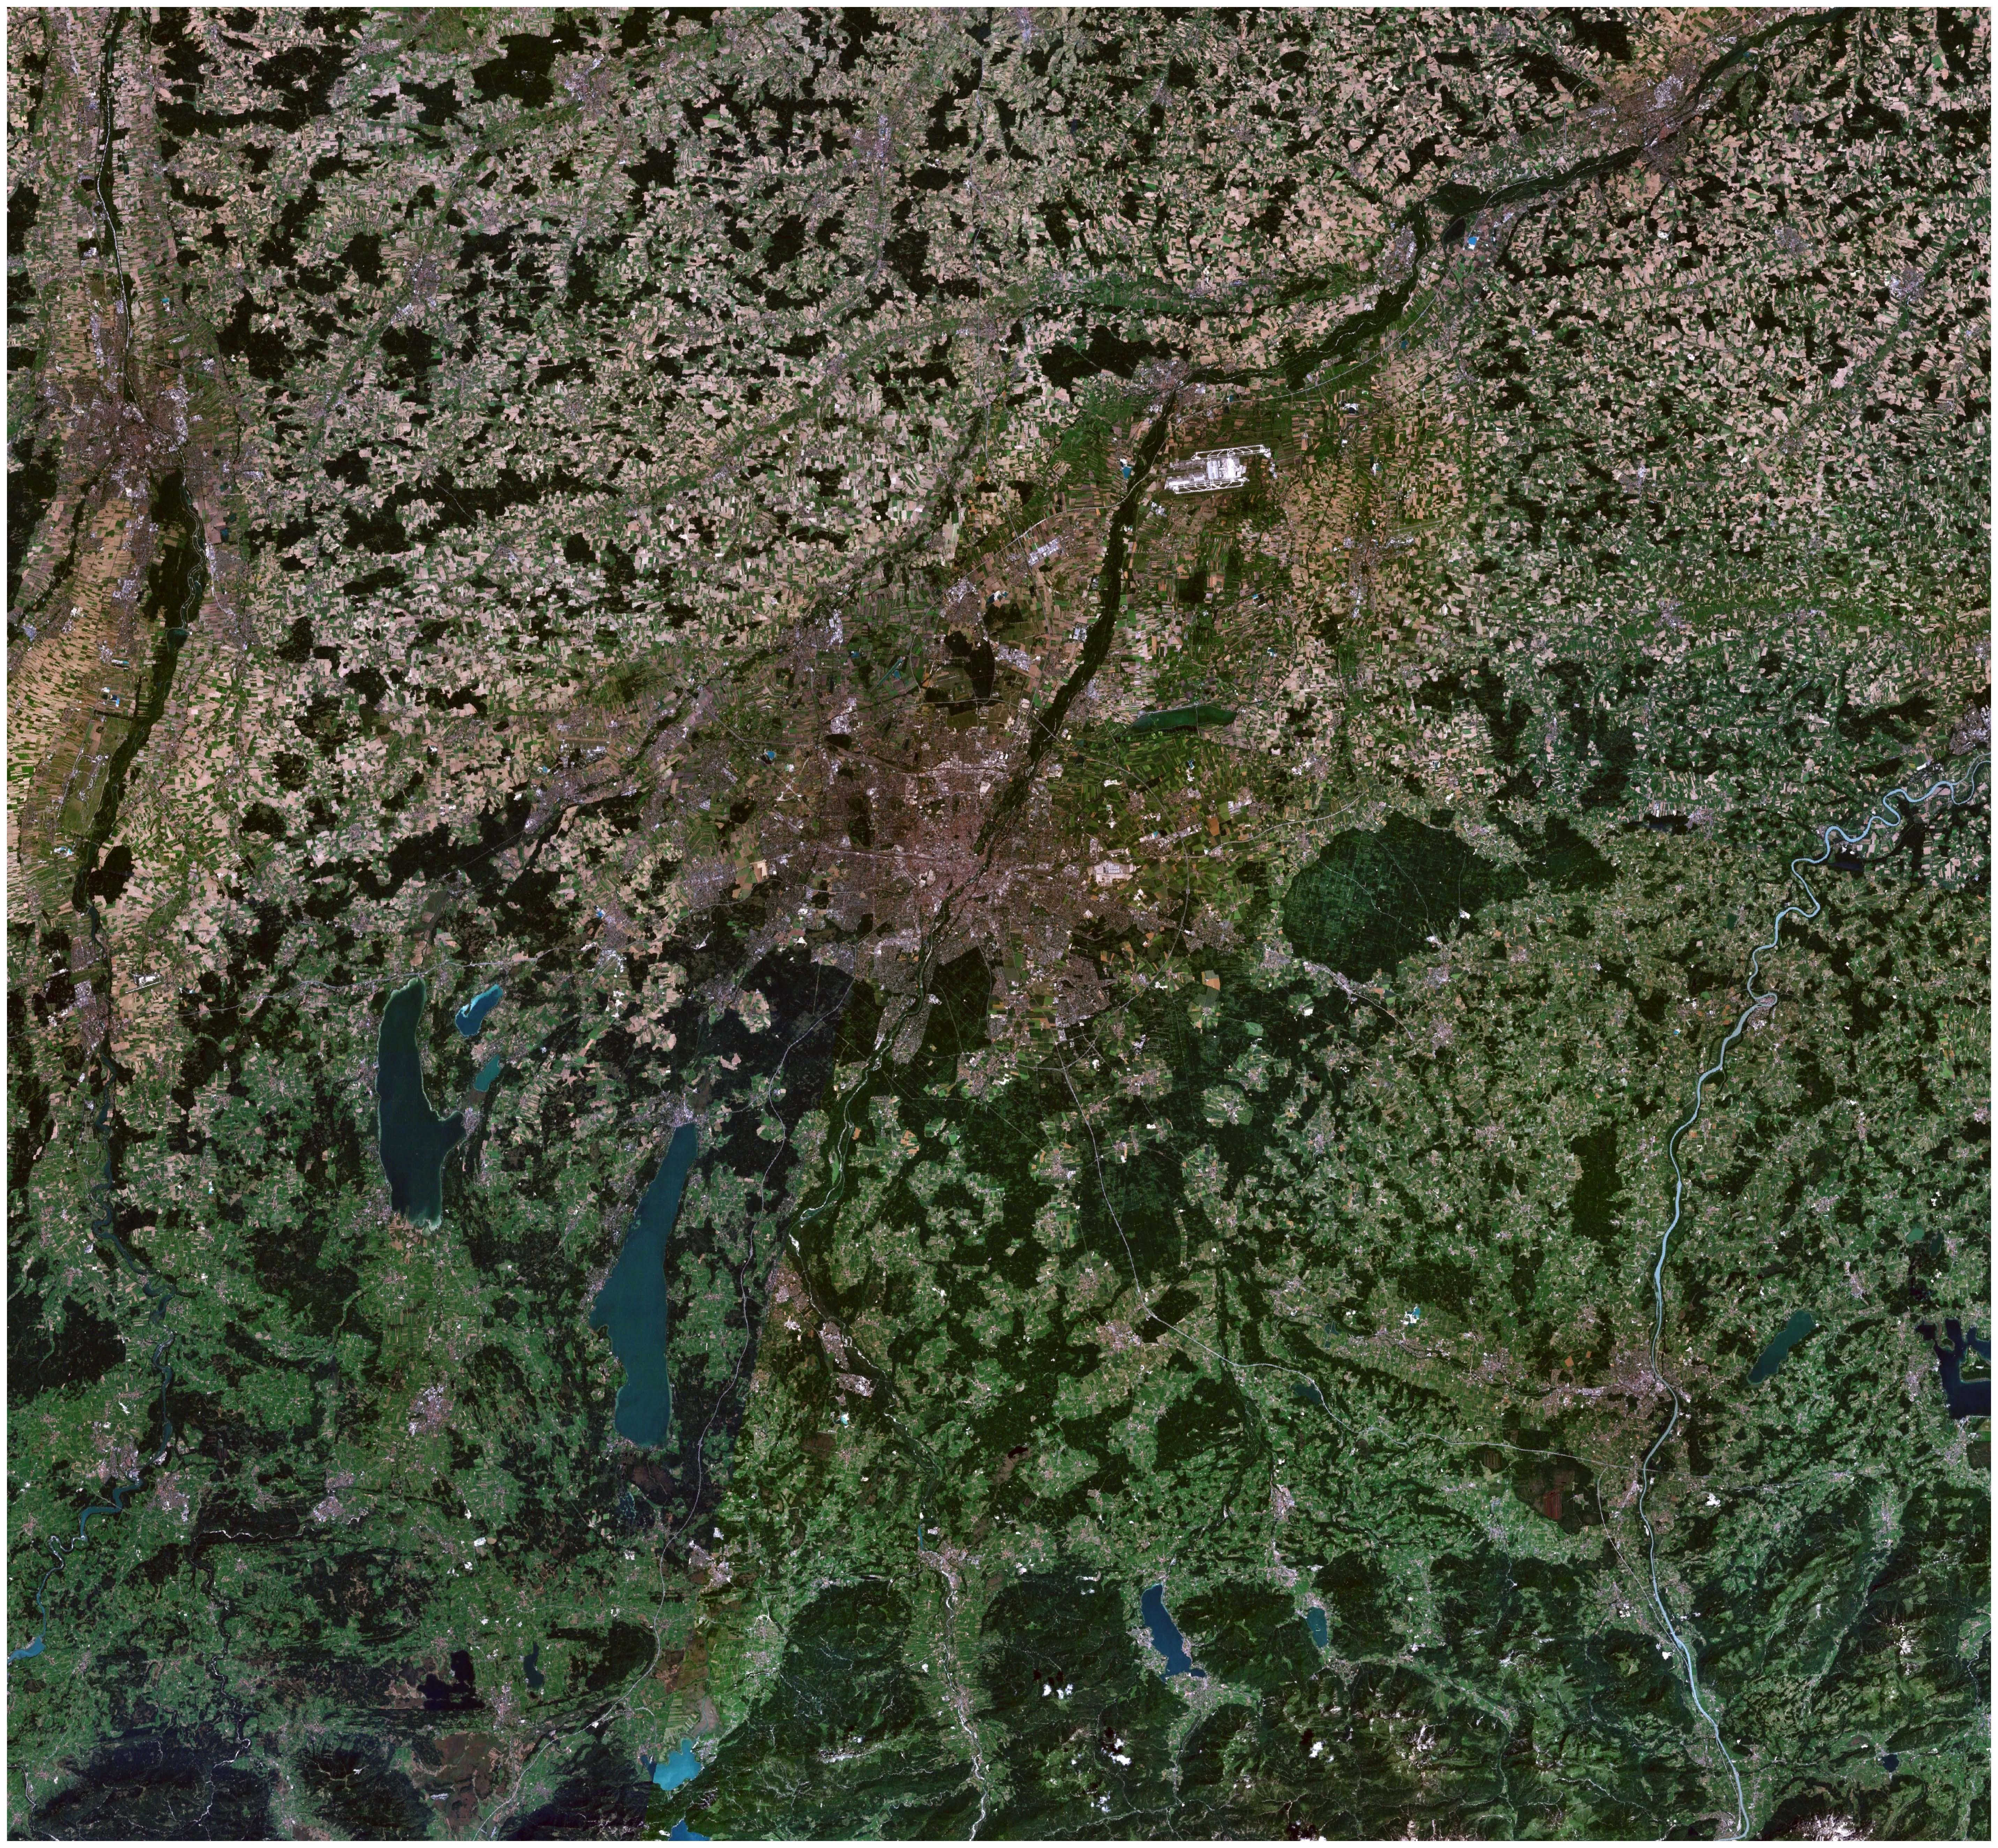 Vista satelital de la región de Múnich